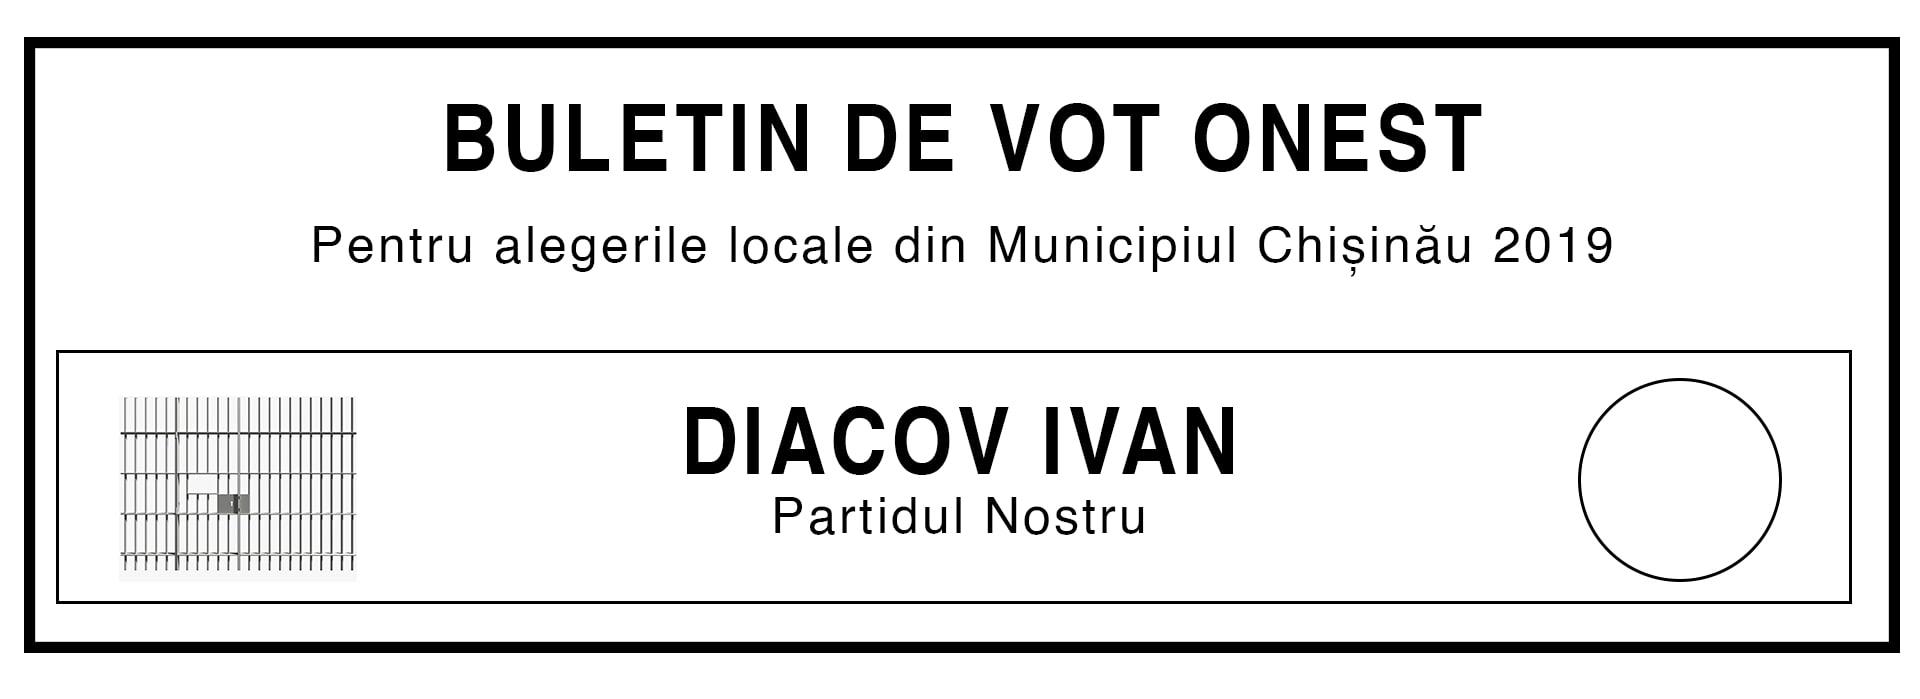 Diacov Ivan